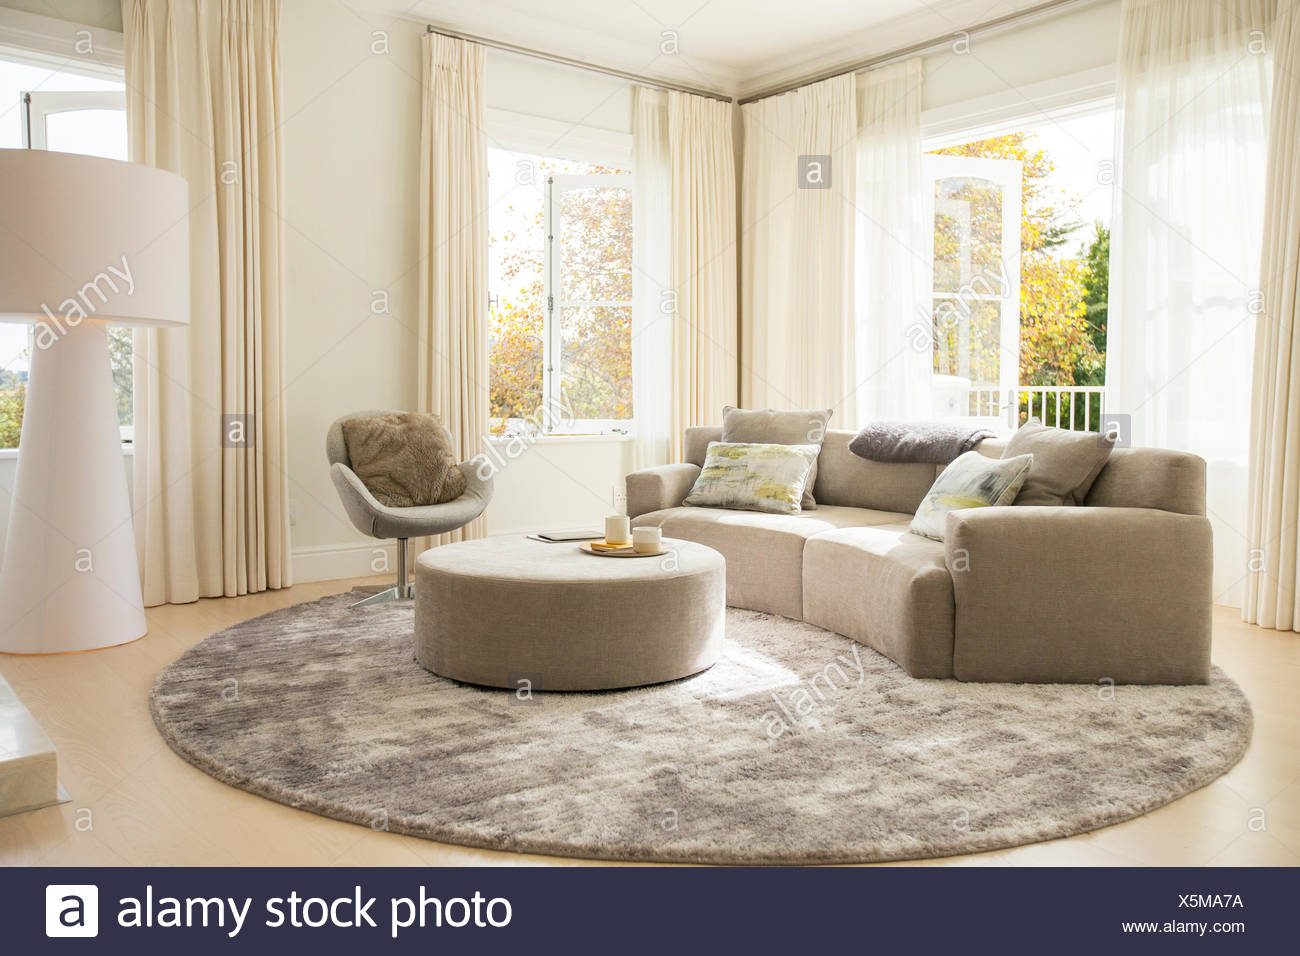 Runder Teppich unter Sofa und Ottomane im Wohnzimmer ...